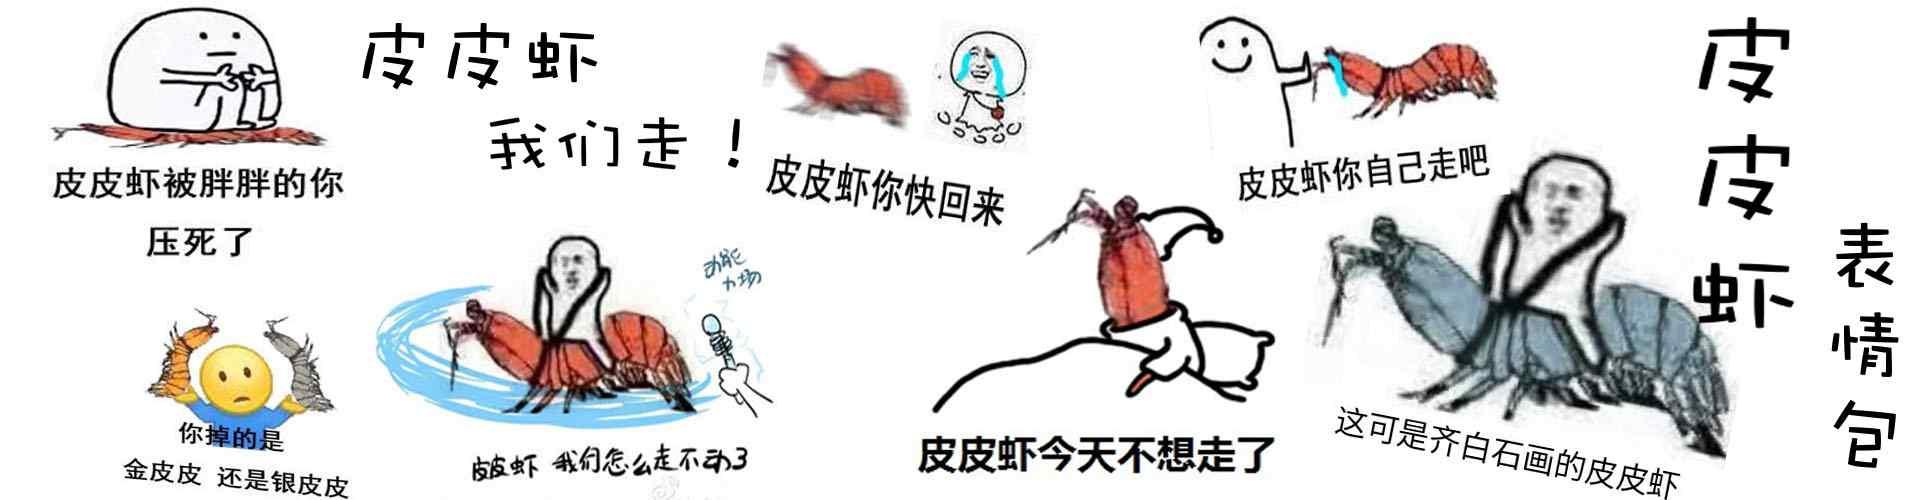 皮皮虾表情包_皮皮虾我们走_皮皮虾表情包图片_创意表情包_表情包图片